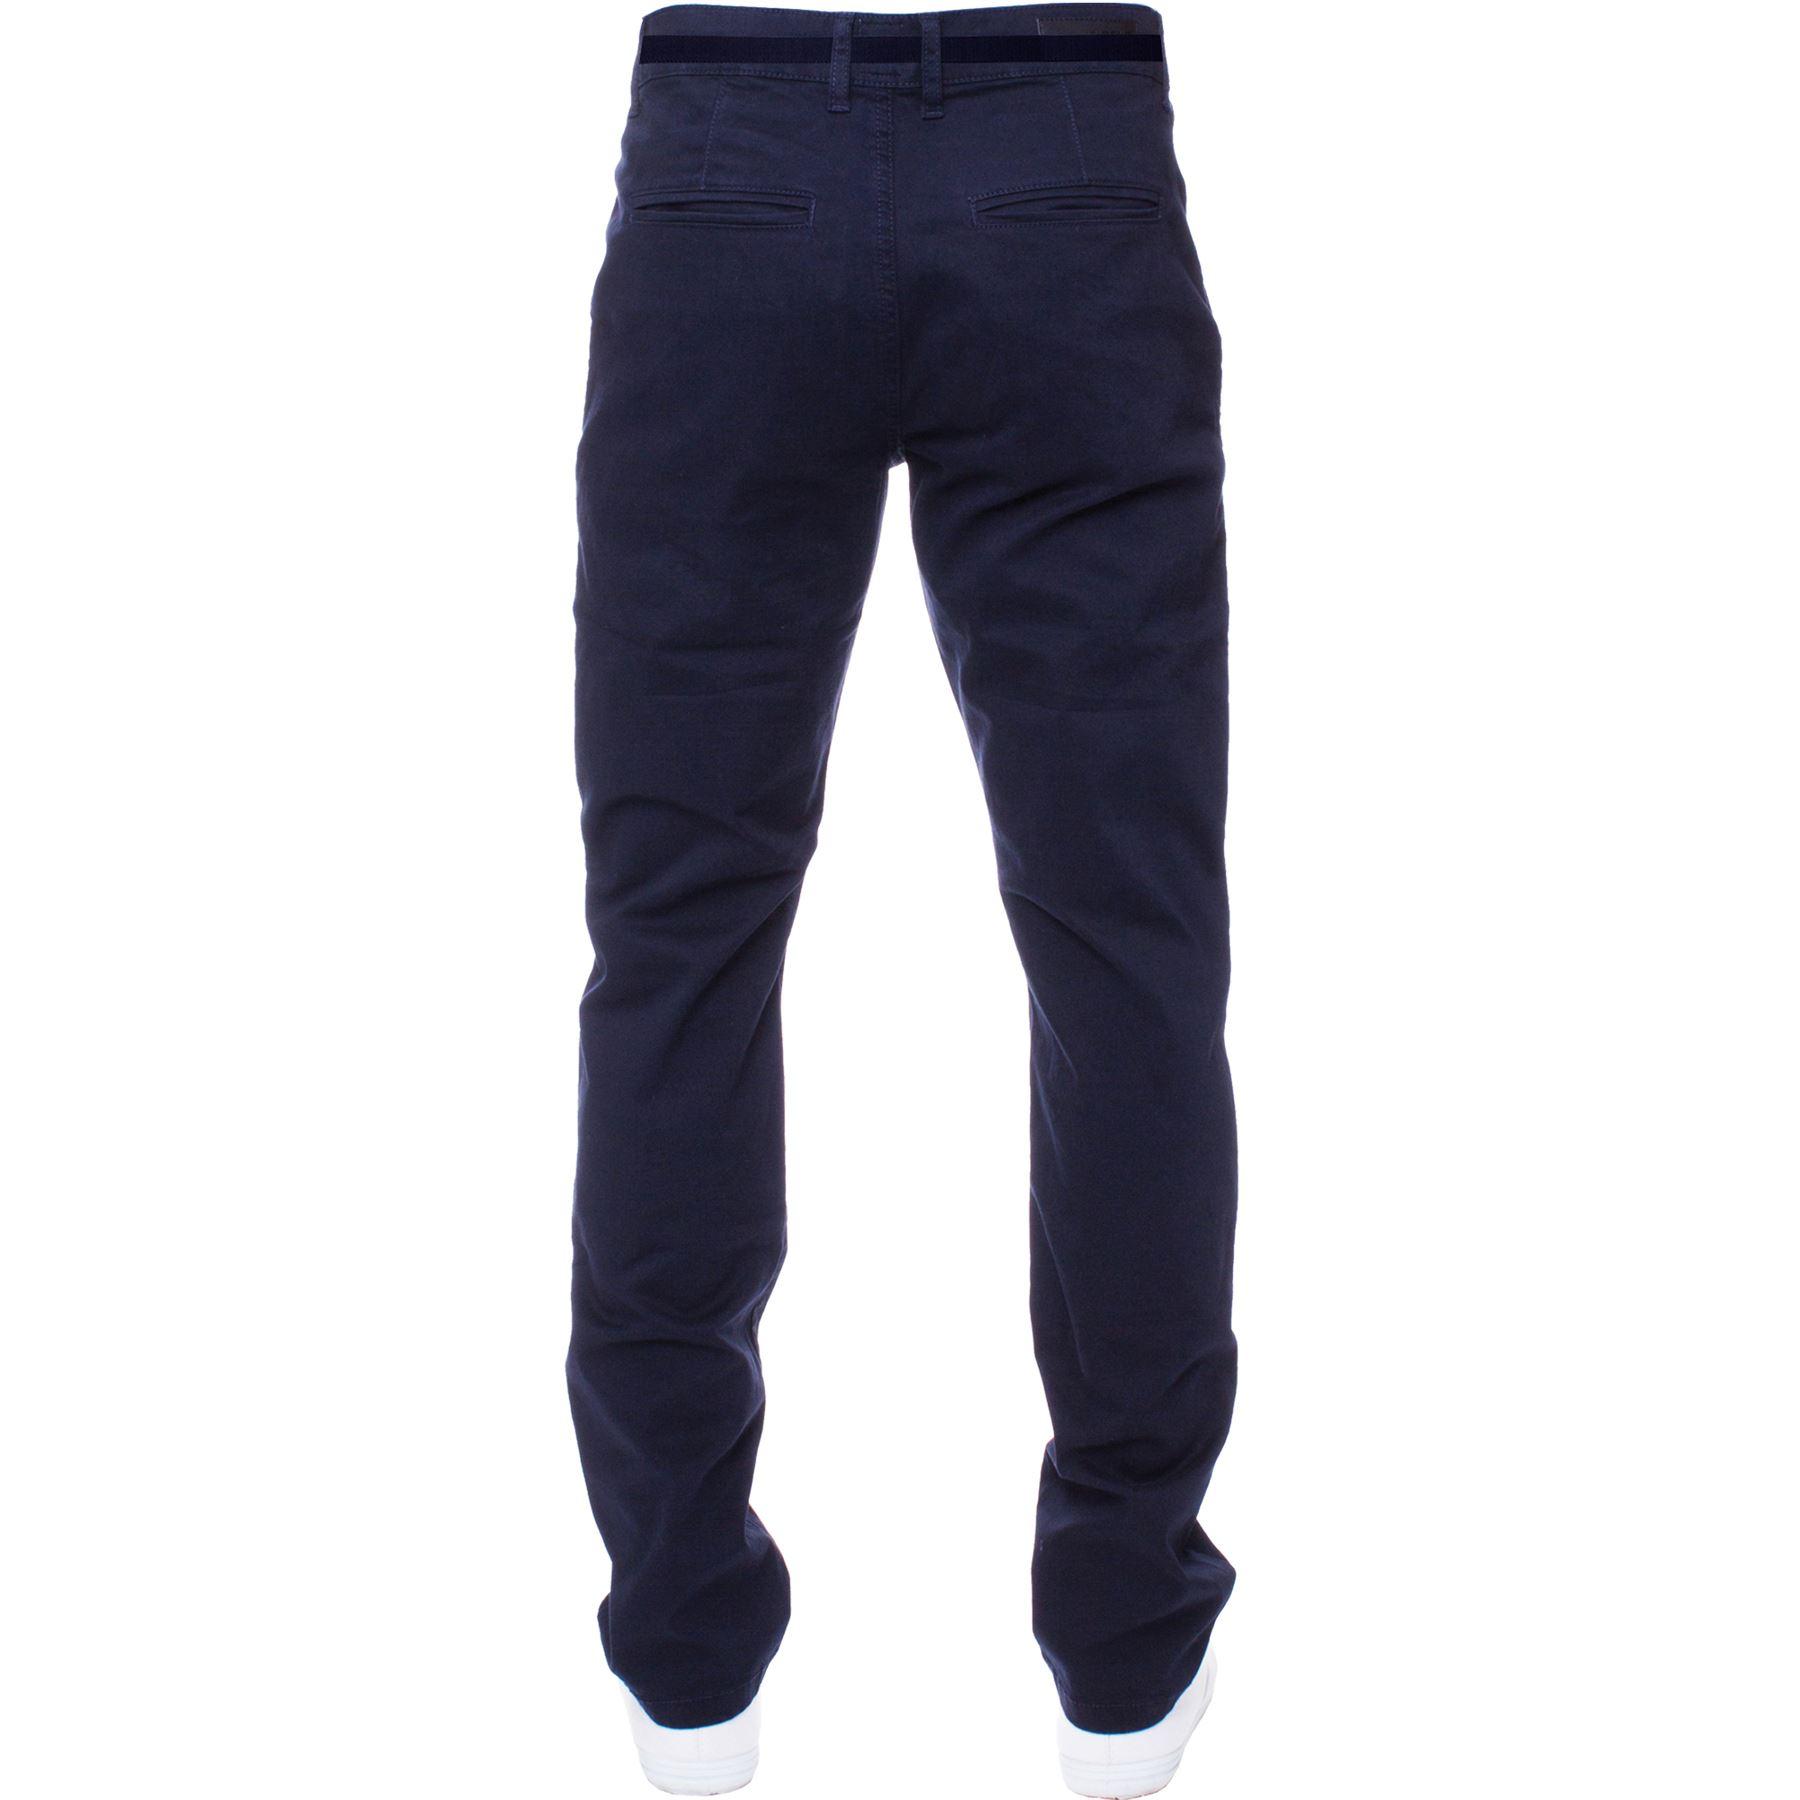 ENZO-Para-Hombres-Pantalones-Slim-Fit-Algodon-Elastico-Pantalones-Chinos-Con-Cinturon-BIG-amp-TALL miniatura 13